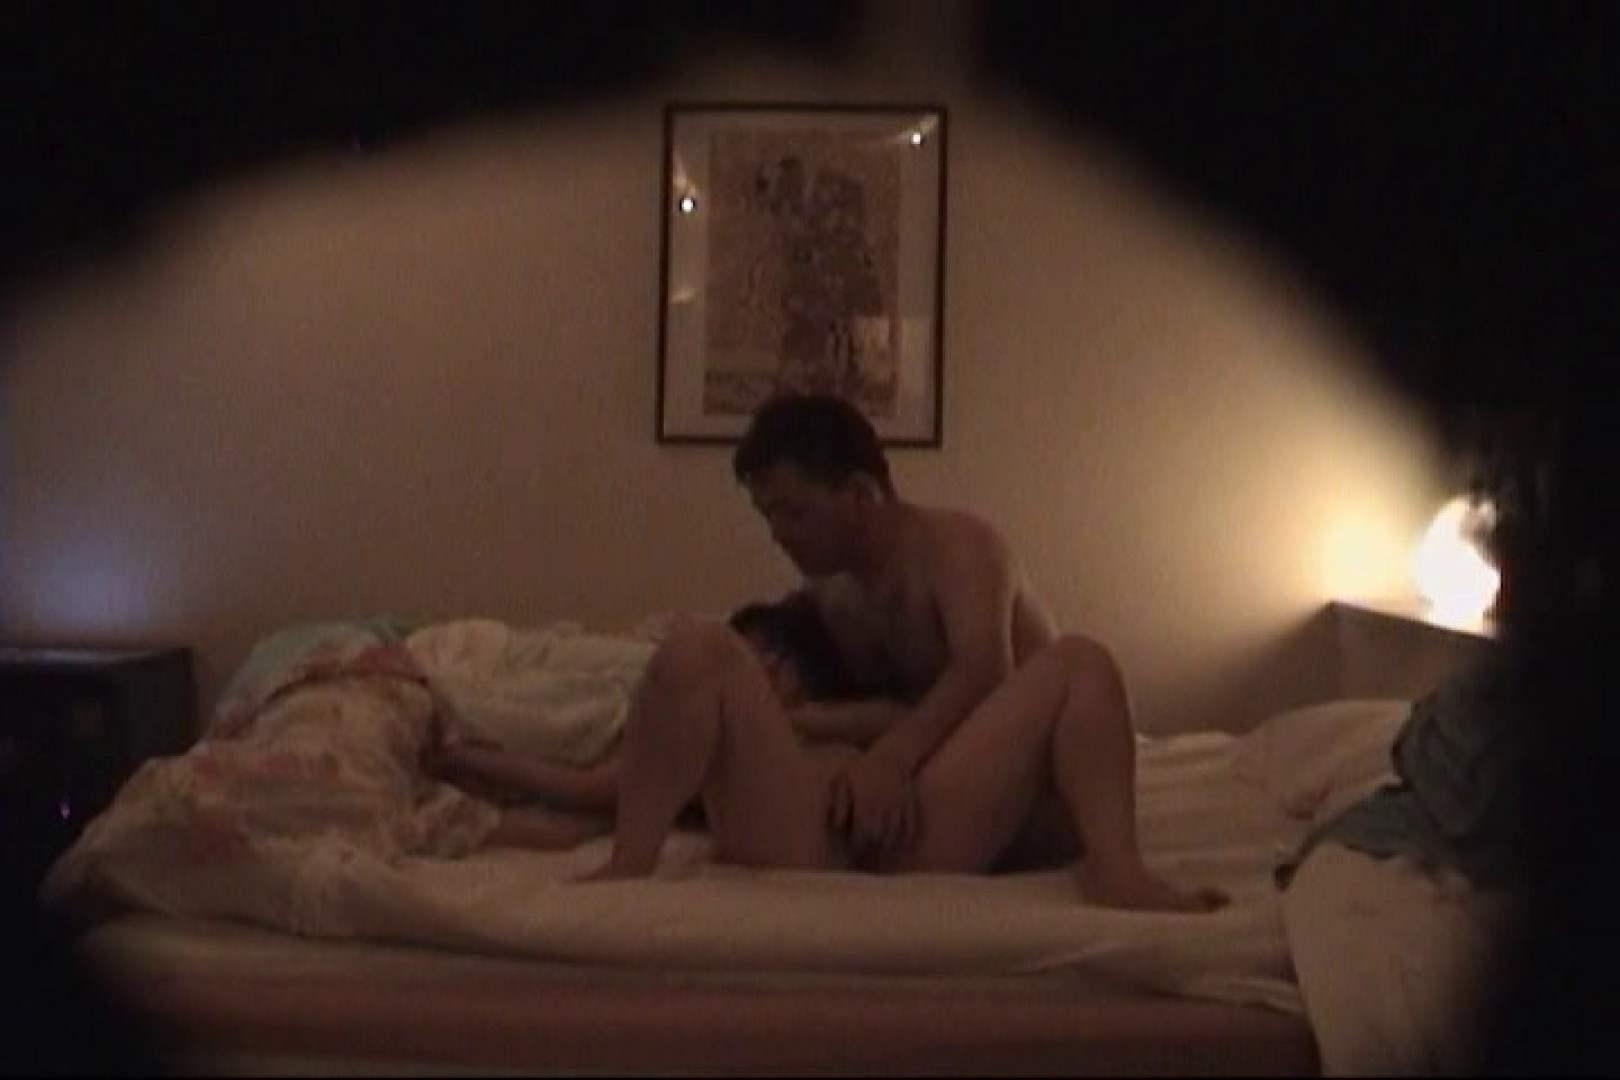 デリ嬢マル秘撮り本物投稿版④ ホテル潜入   おっぱい  51pic 25